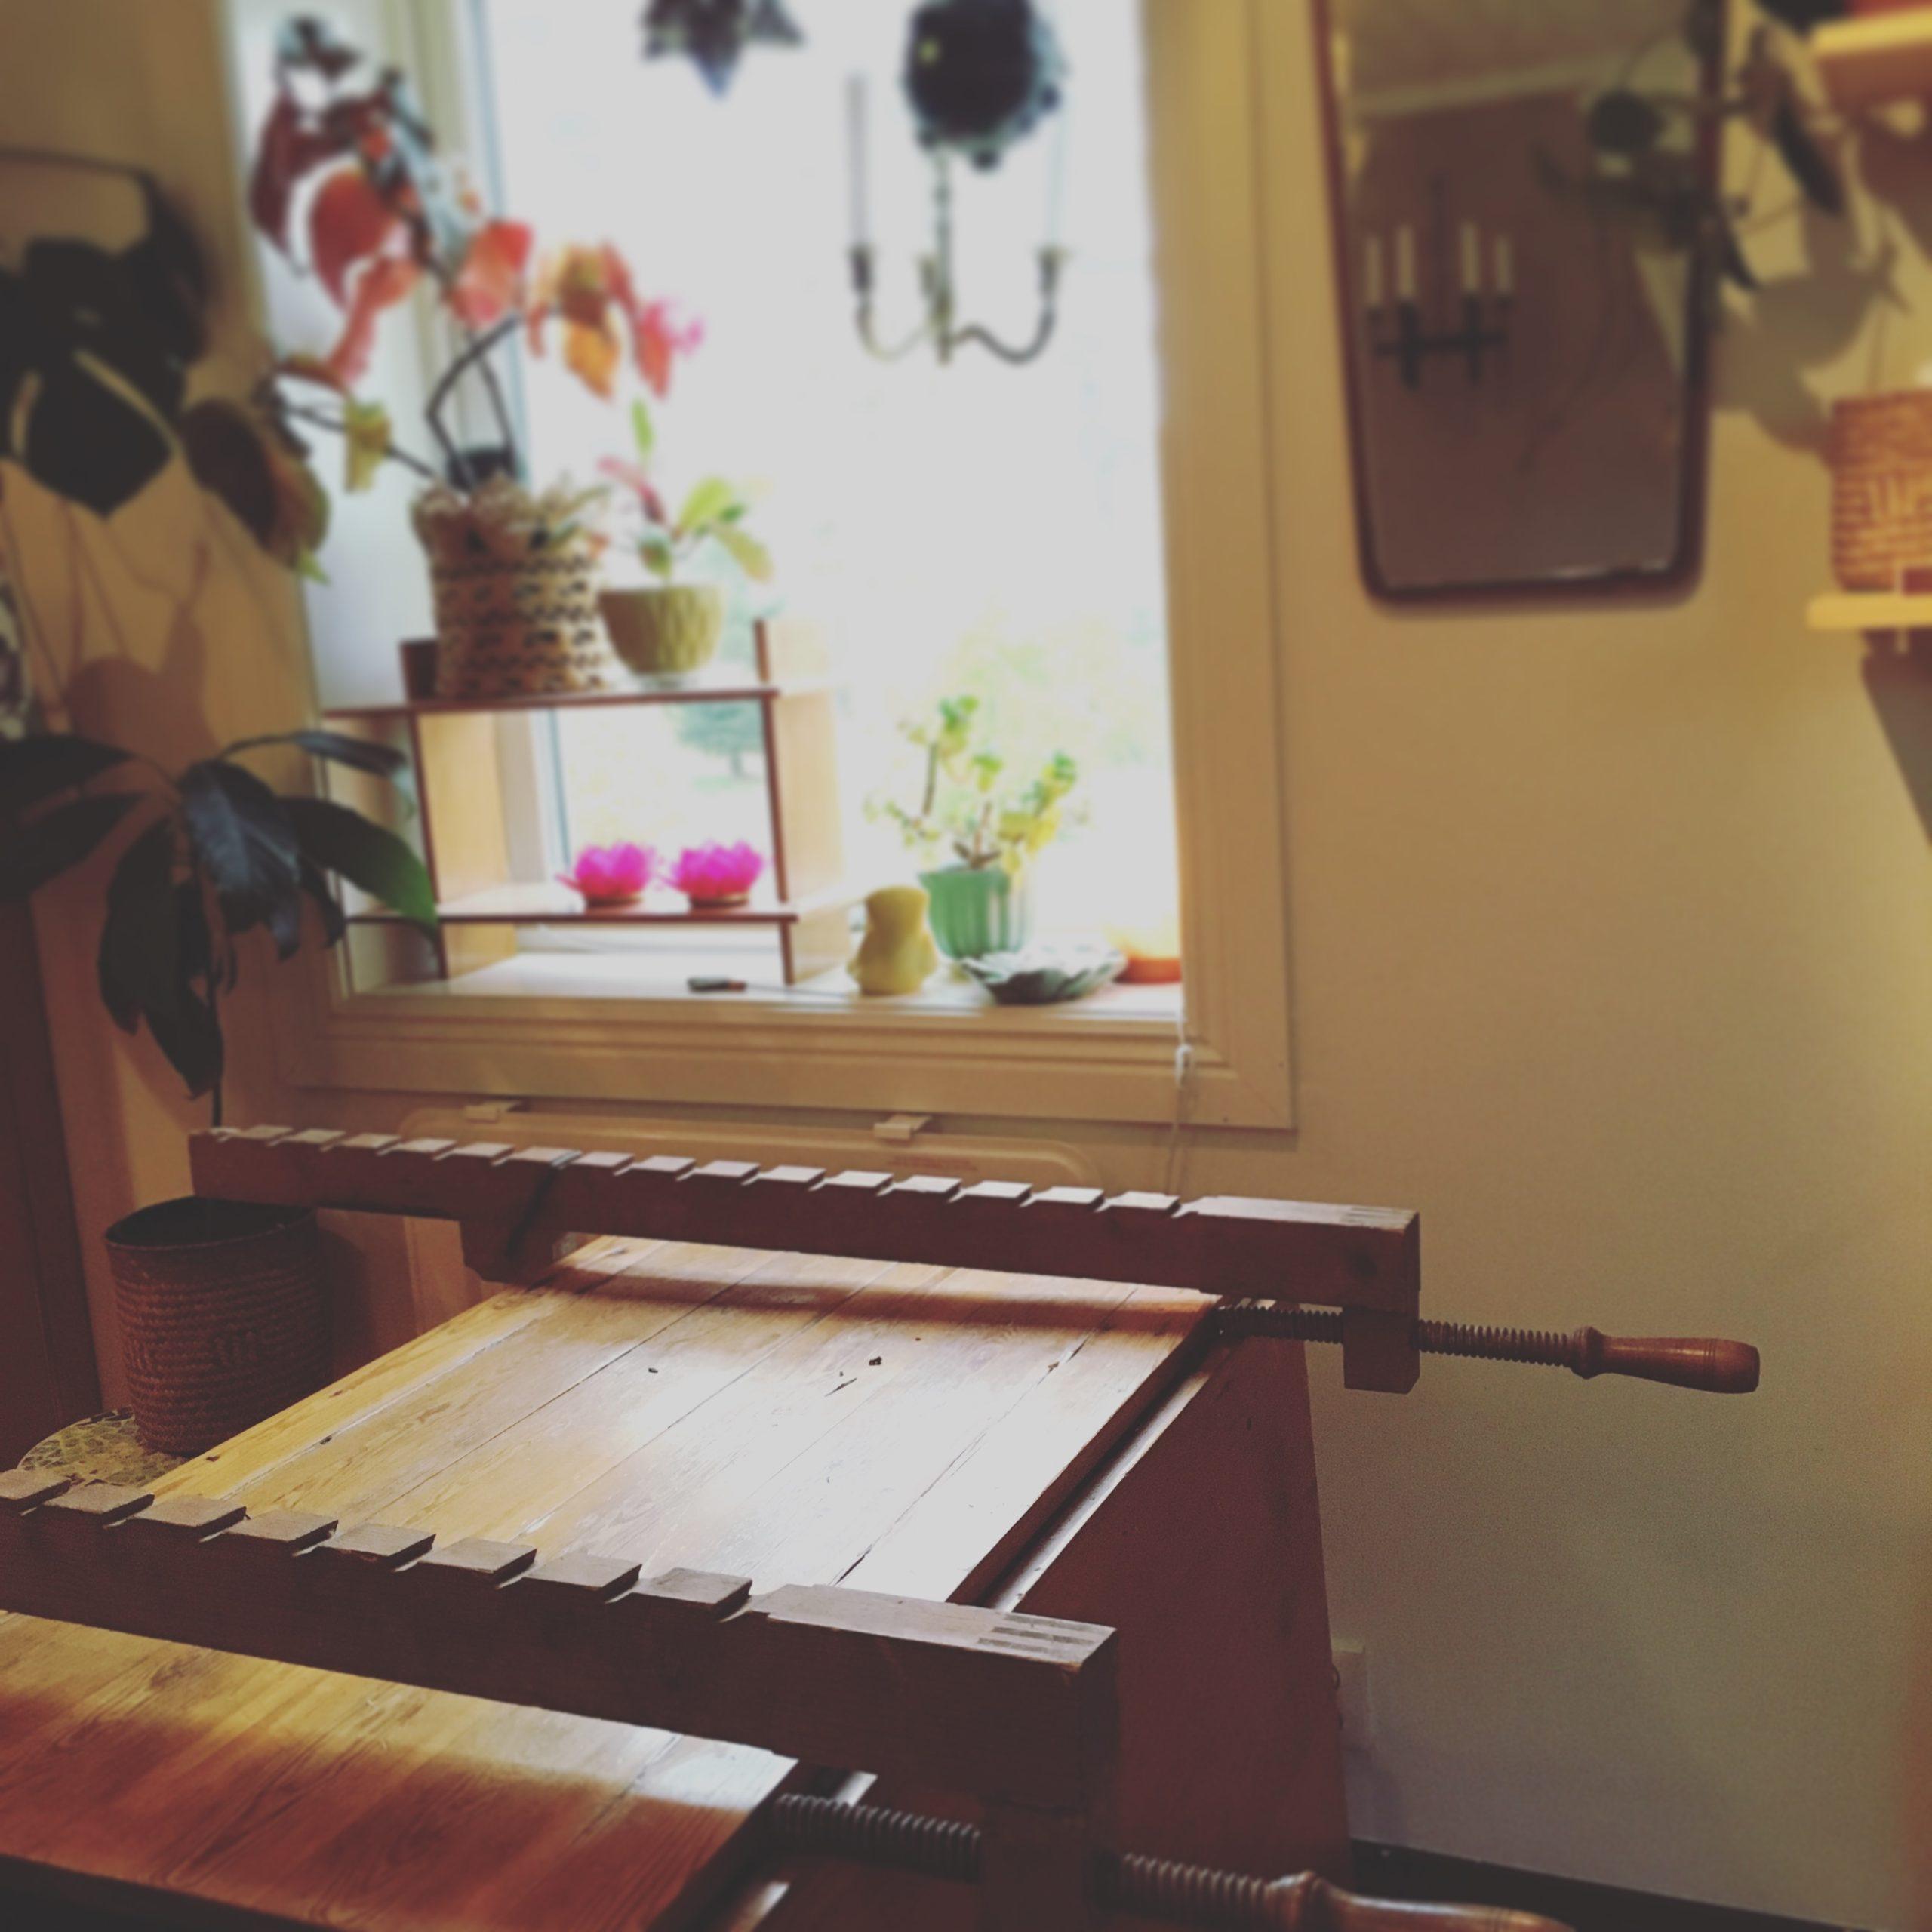 bord som limmas med knektar